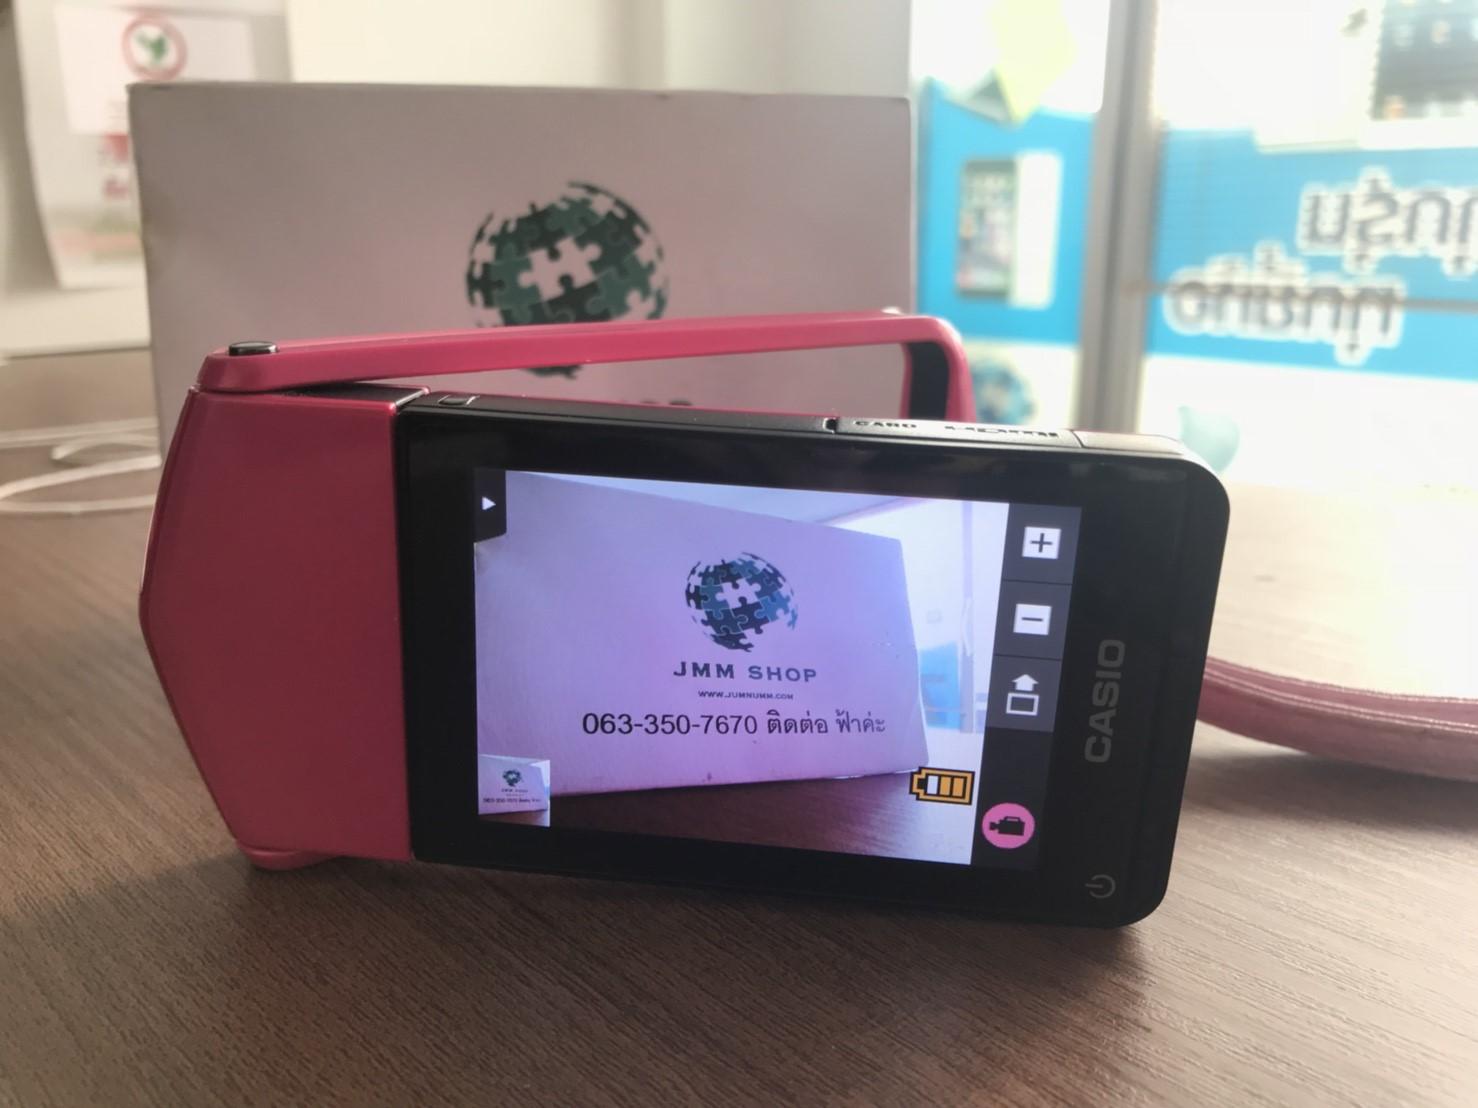 JMM - 142 ขายกล้องฟรุ้งฟริ้ง casio TR 350s สีชมพู